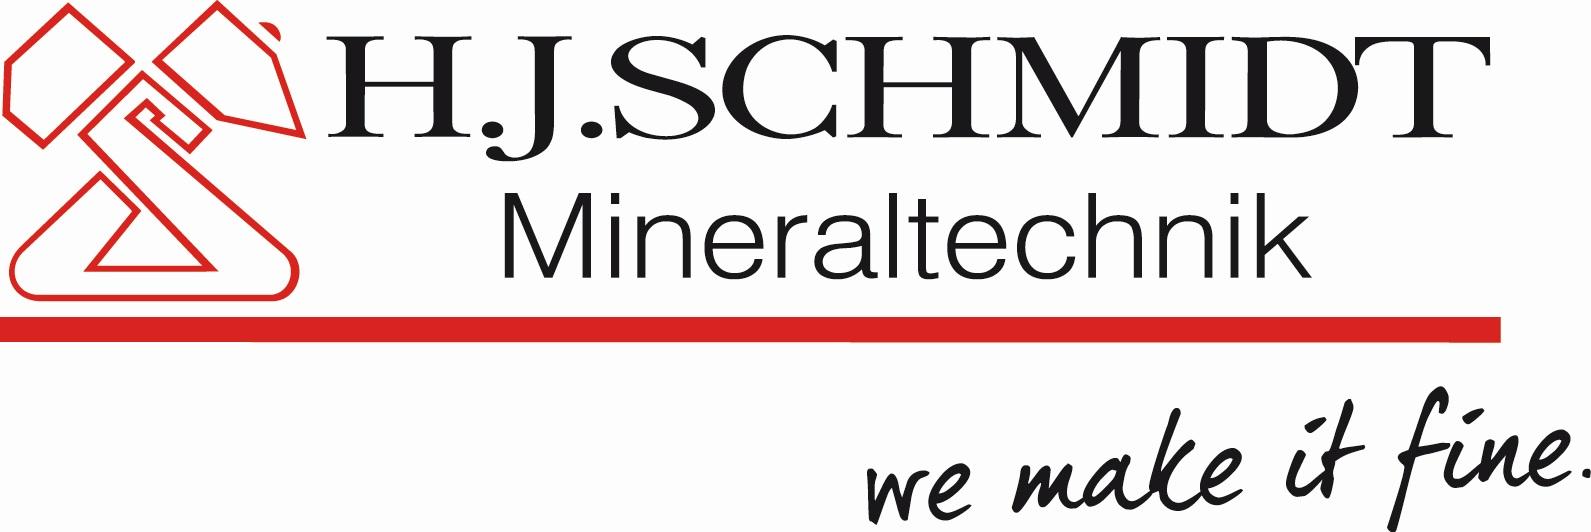 H. J. Schmidt